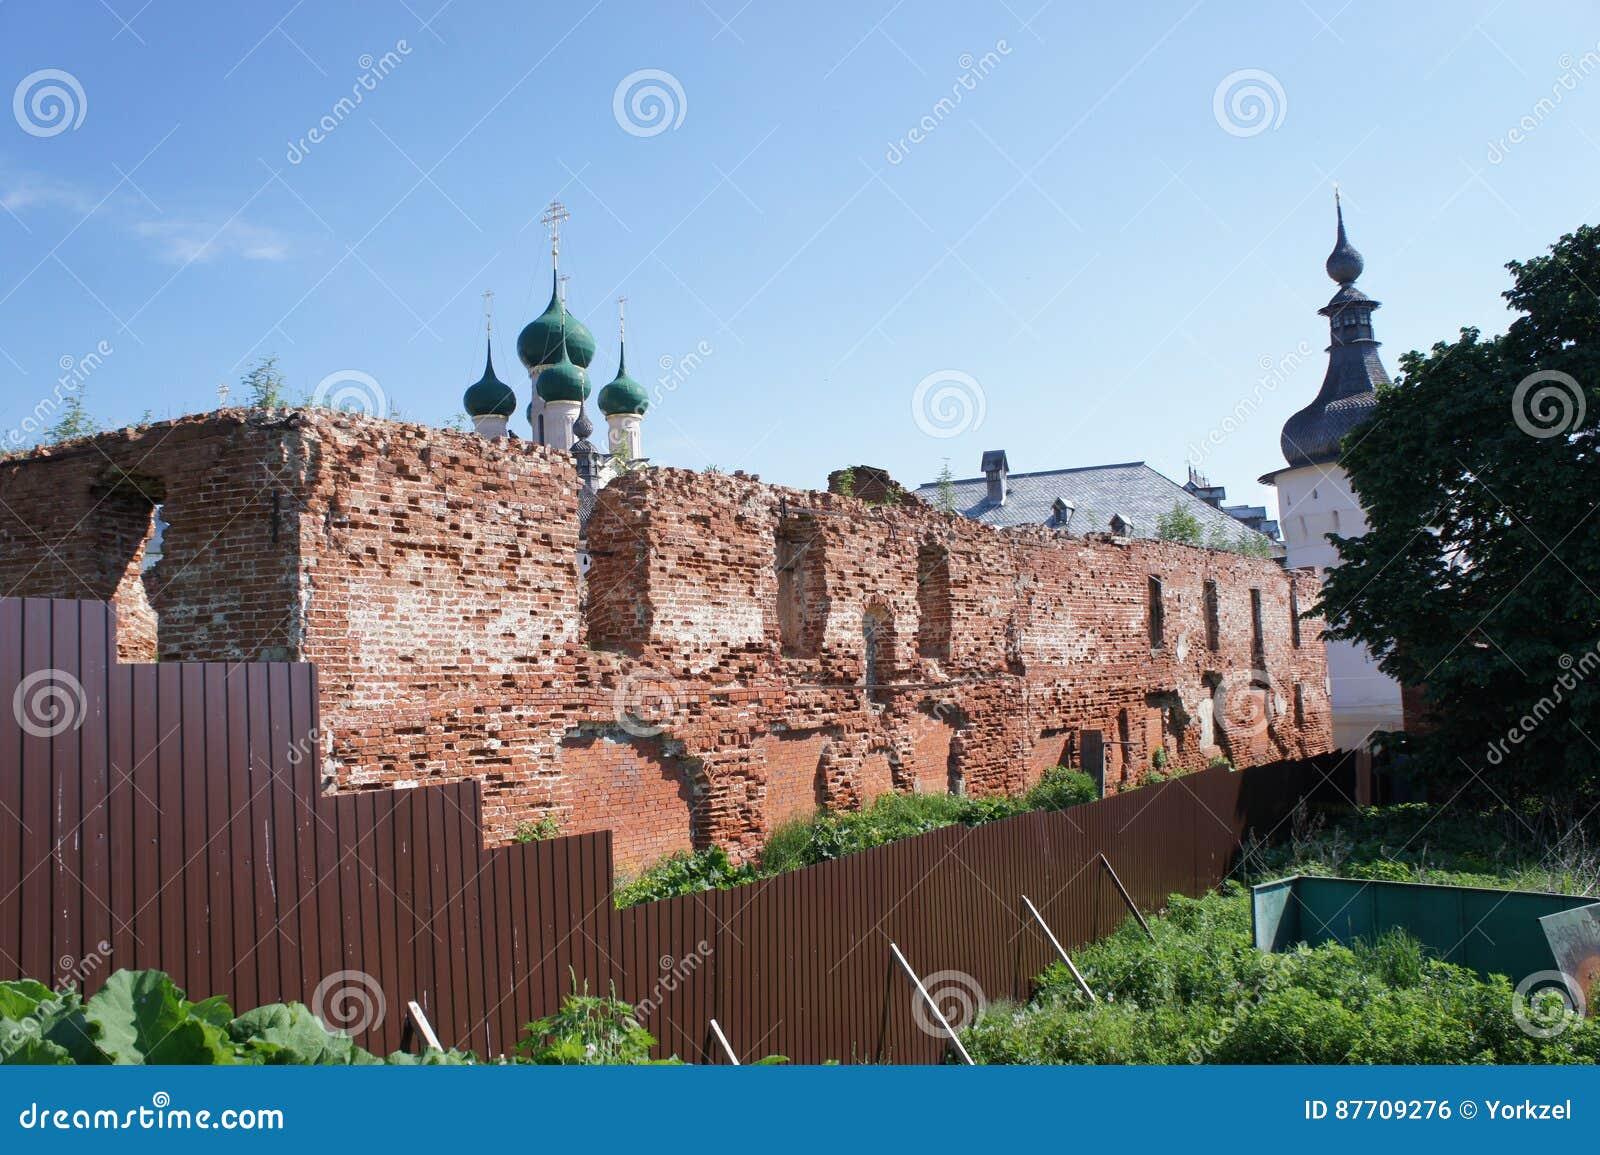 Vue du bâtiment détruit dans la ville de Rostov Veliky dans la région de Yaroslavl